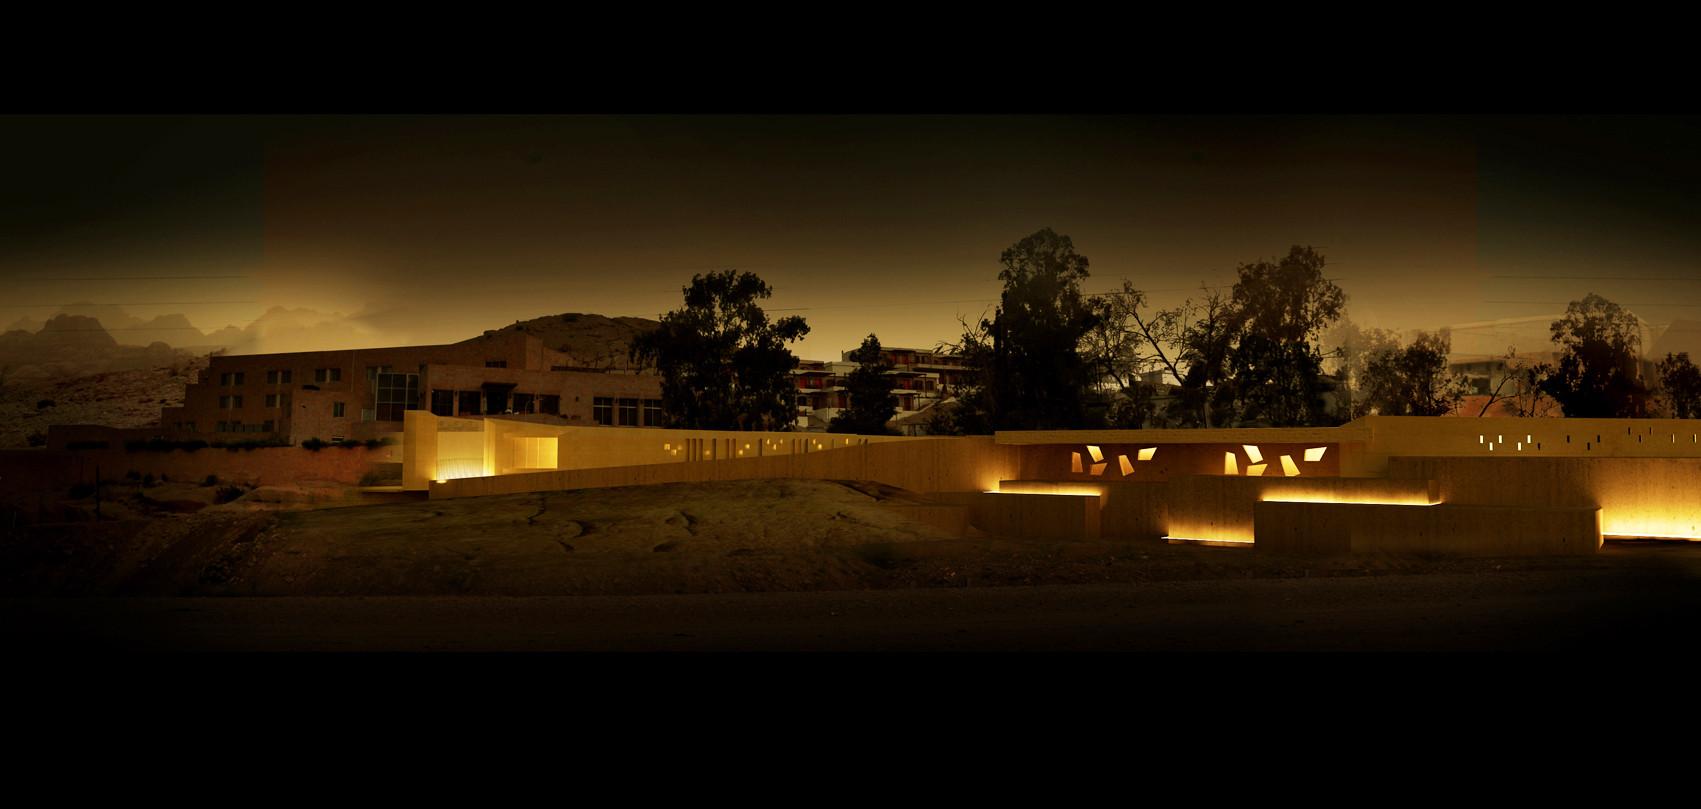 Maisam cria um portal para Petra, Vista noturna de Wadi. Imagem © maisam architects & engineers